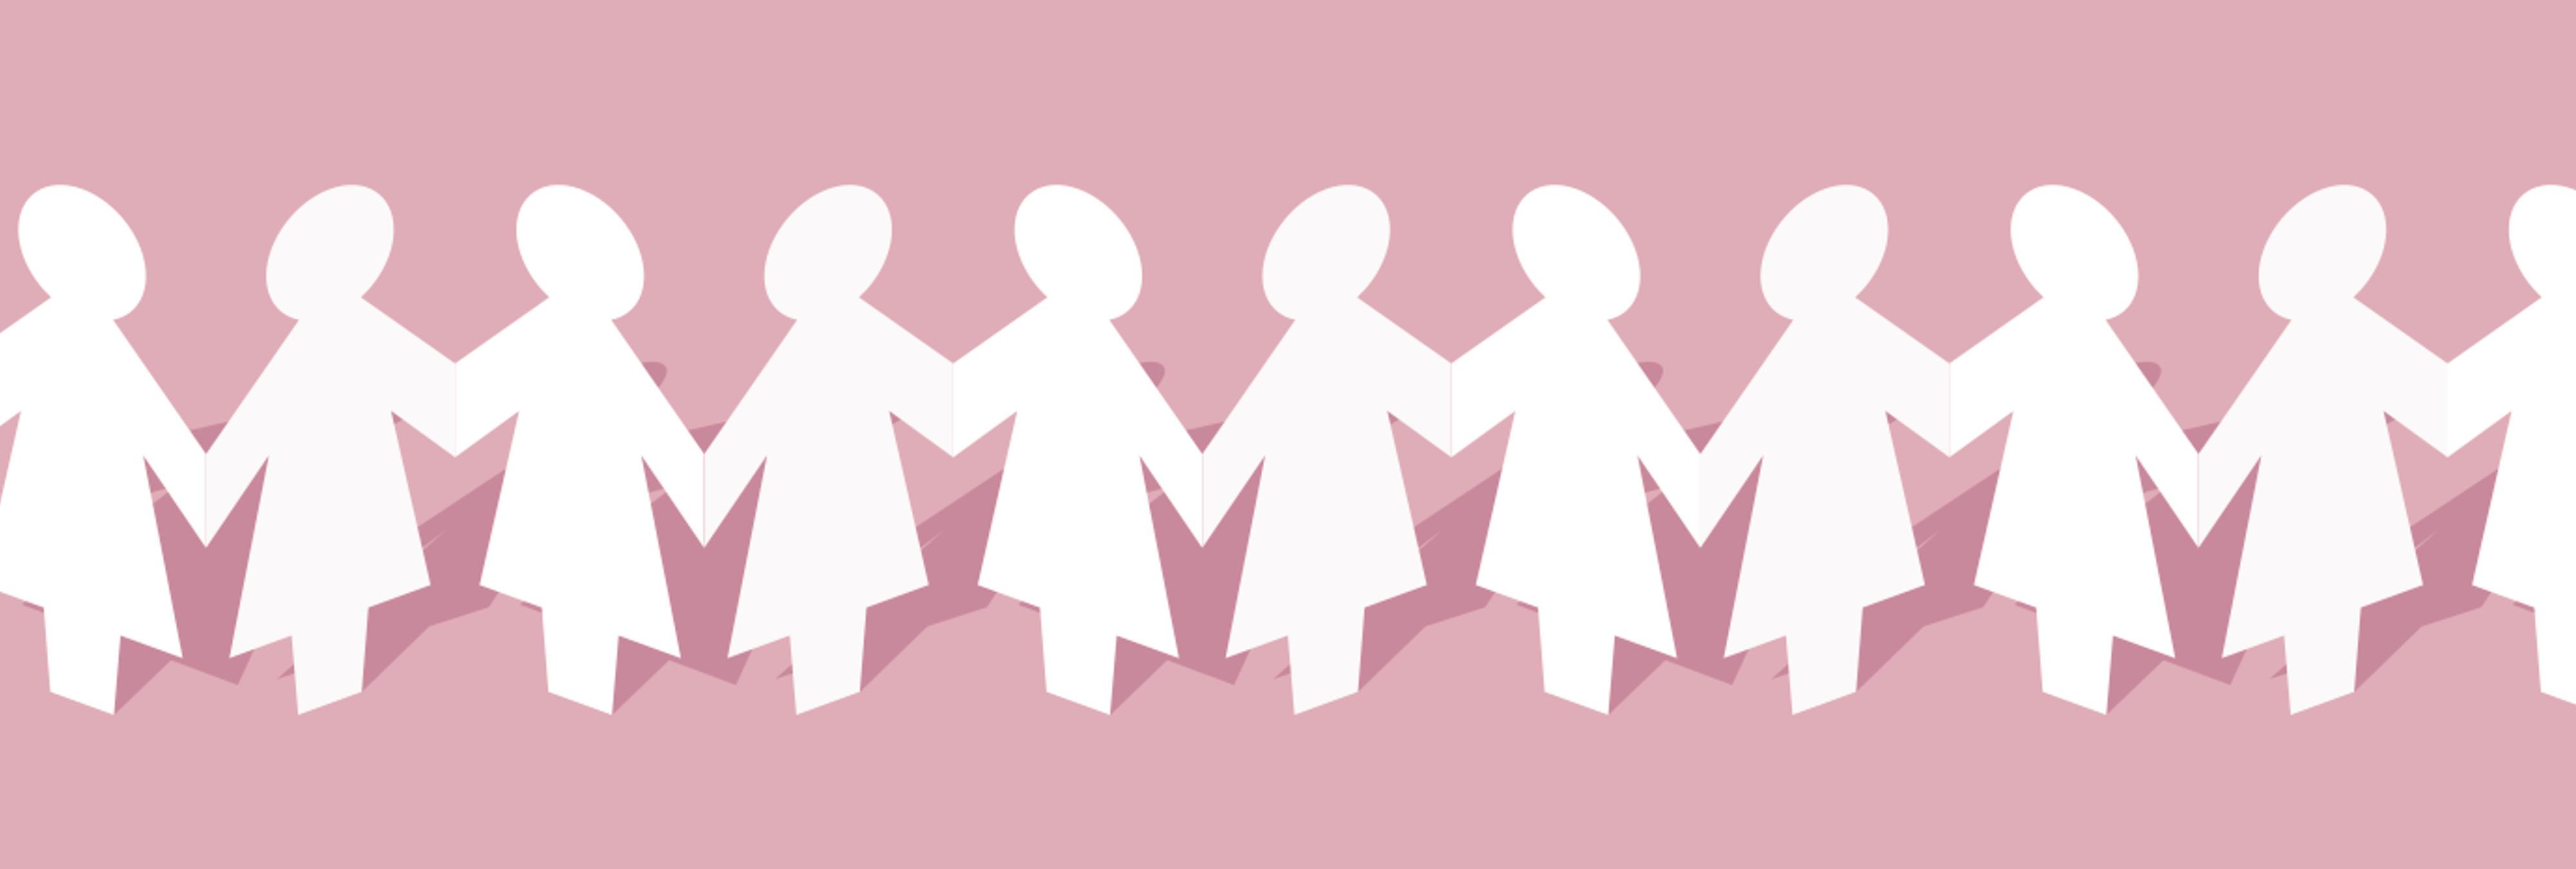 Décimo aniversario de la Ley de Igualdad: pocas luces y muchas sombras